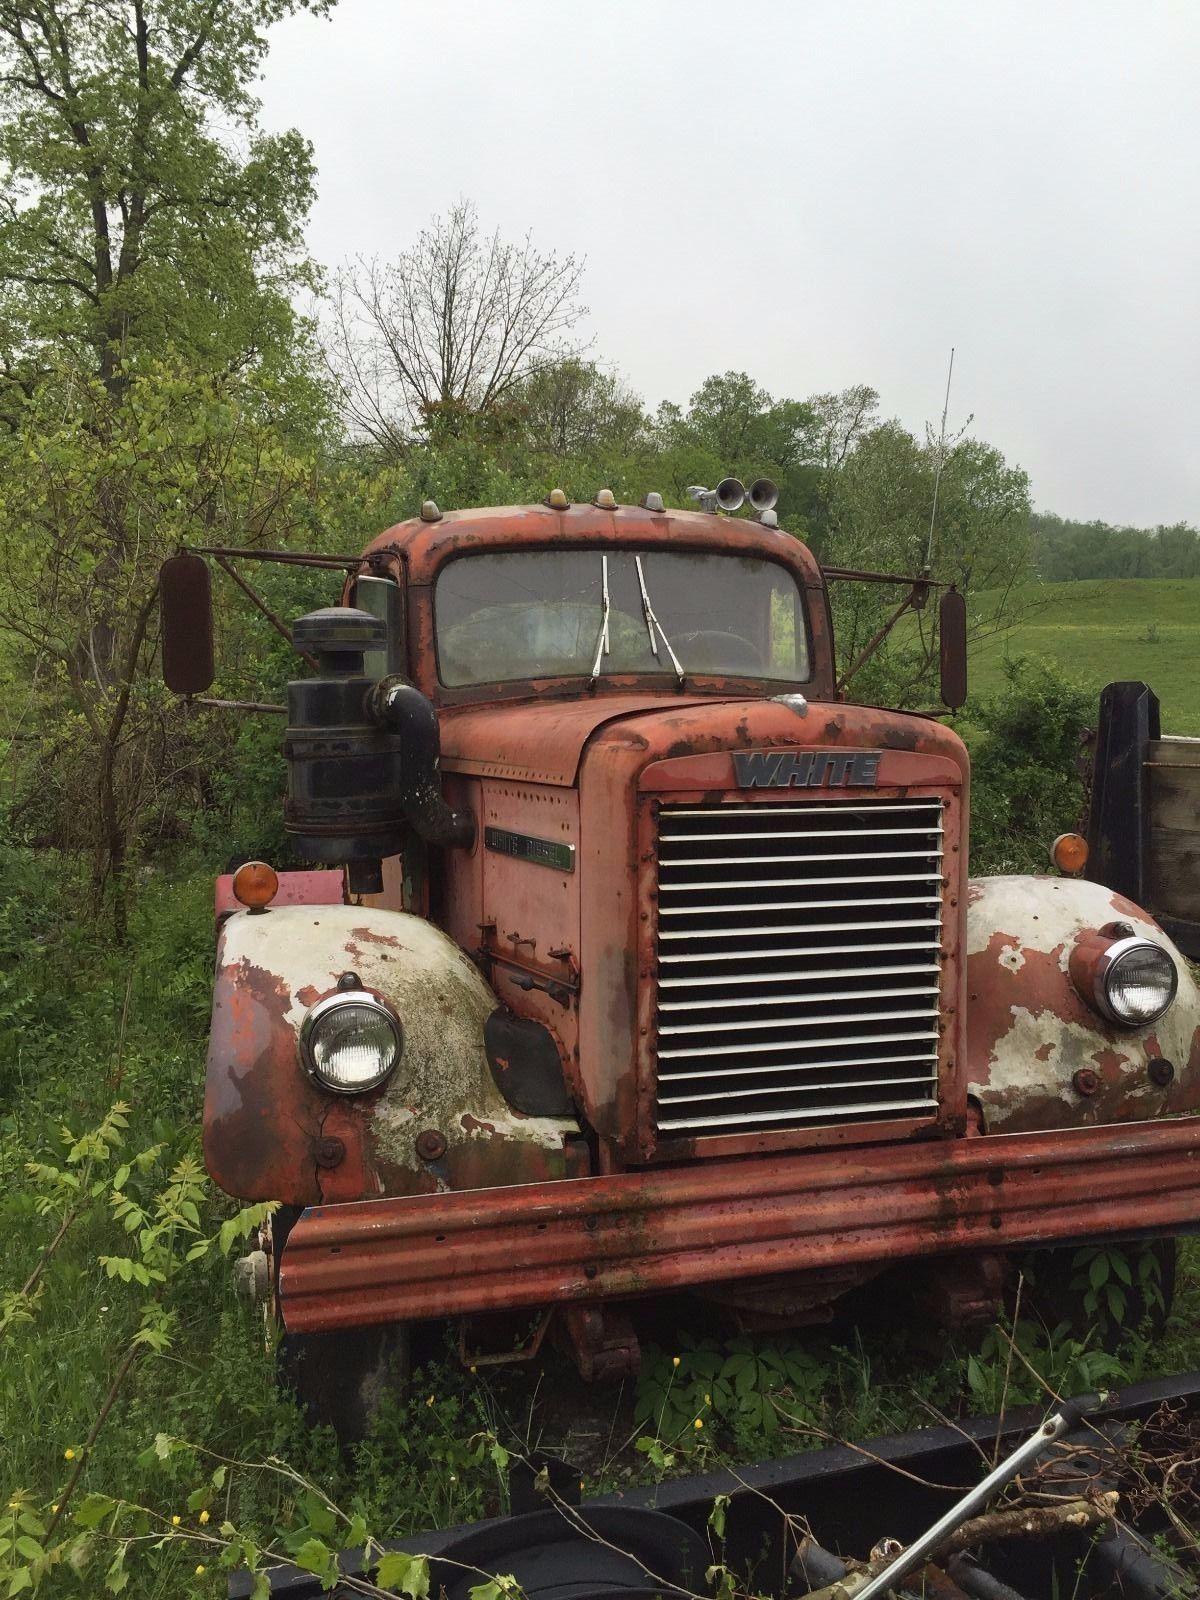 1964 Freightliner 9064td Truck For Sale Freightliner Old Trucks Vintage Trucks